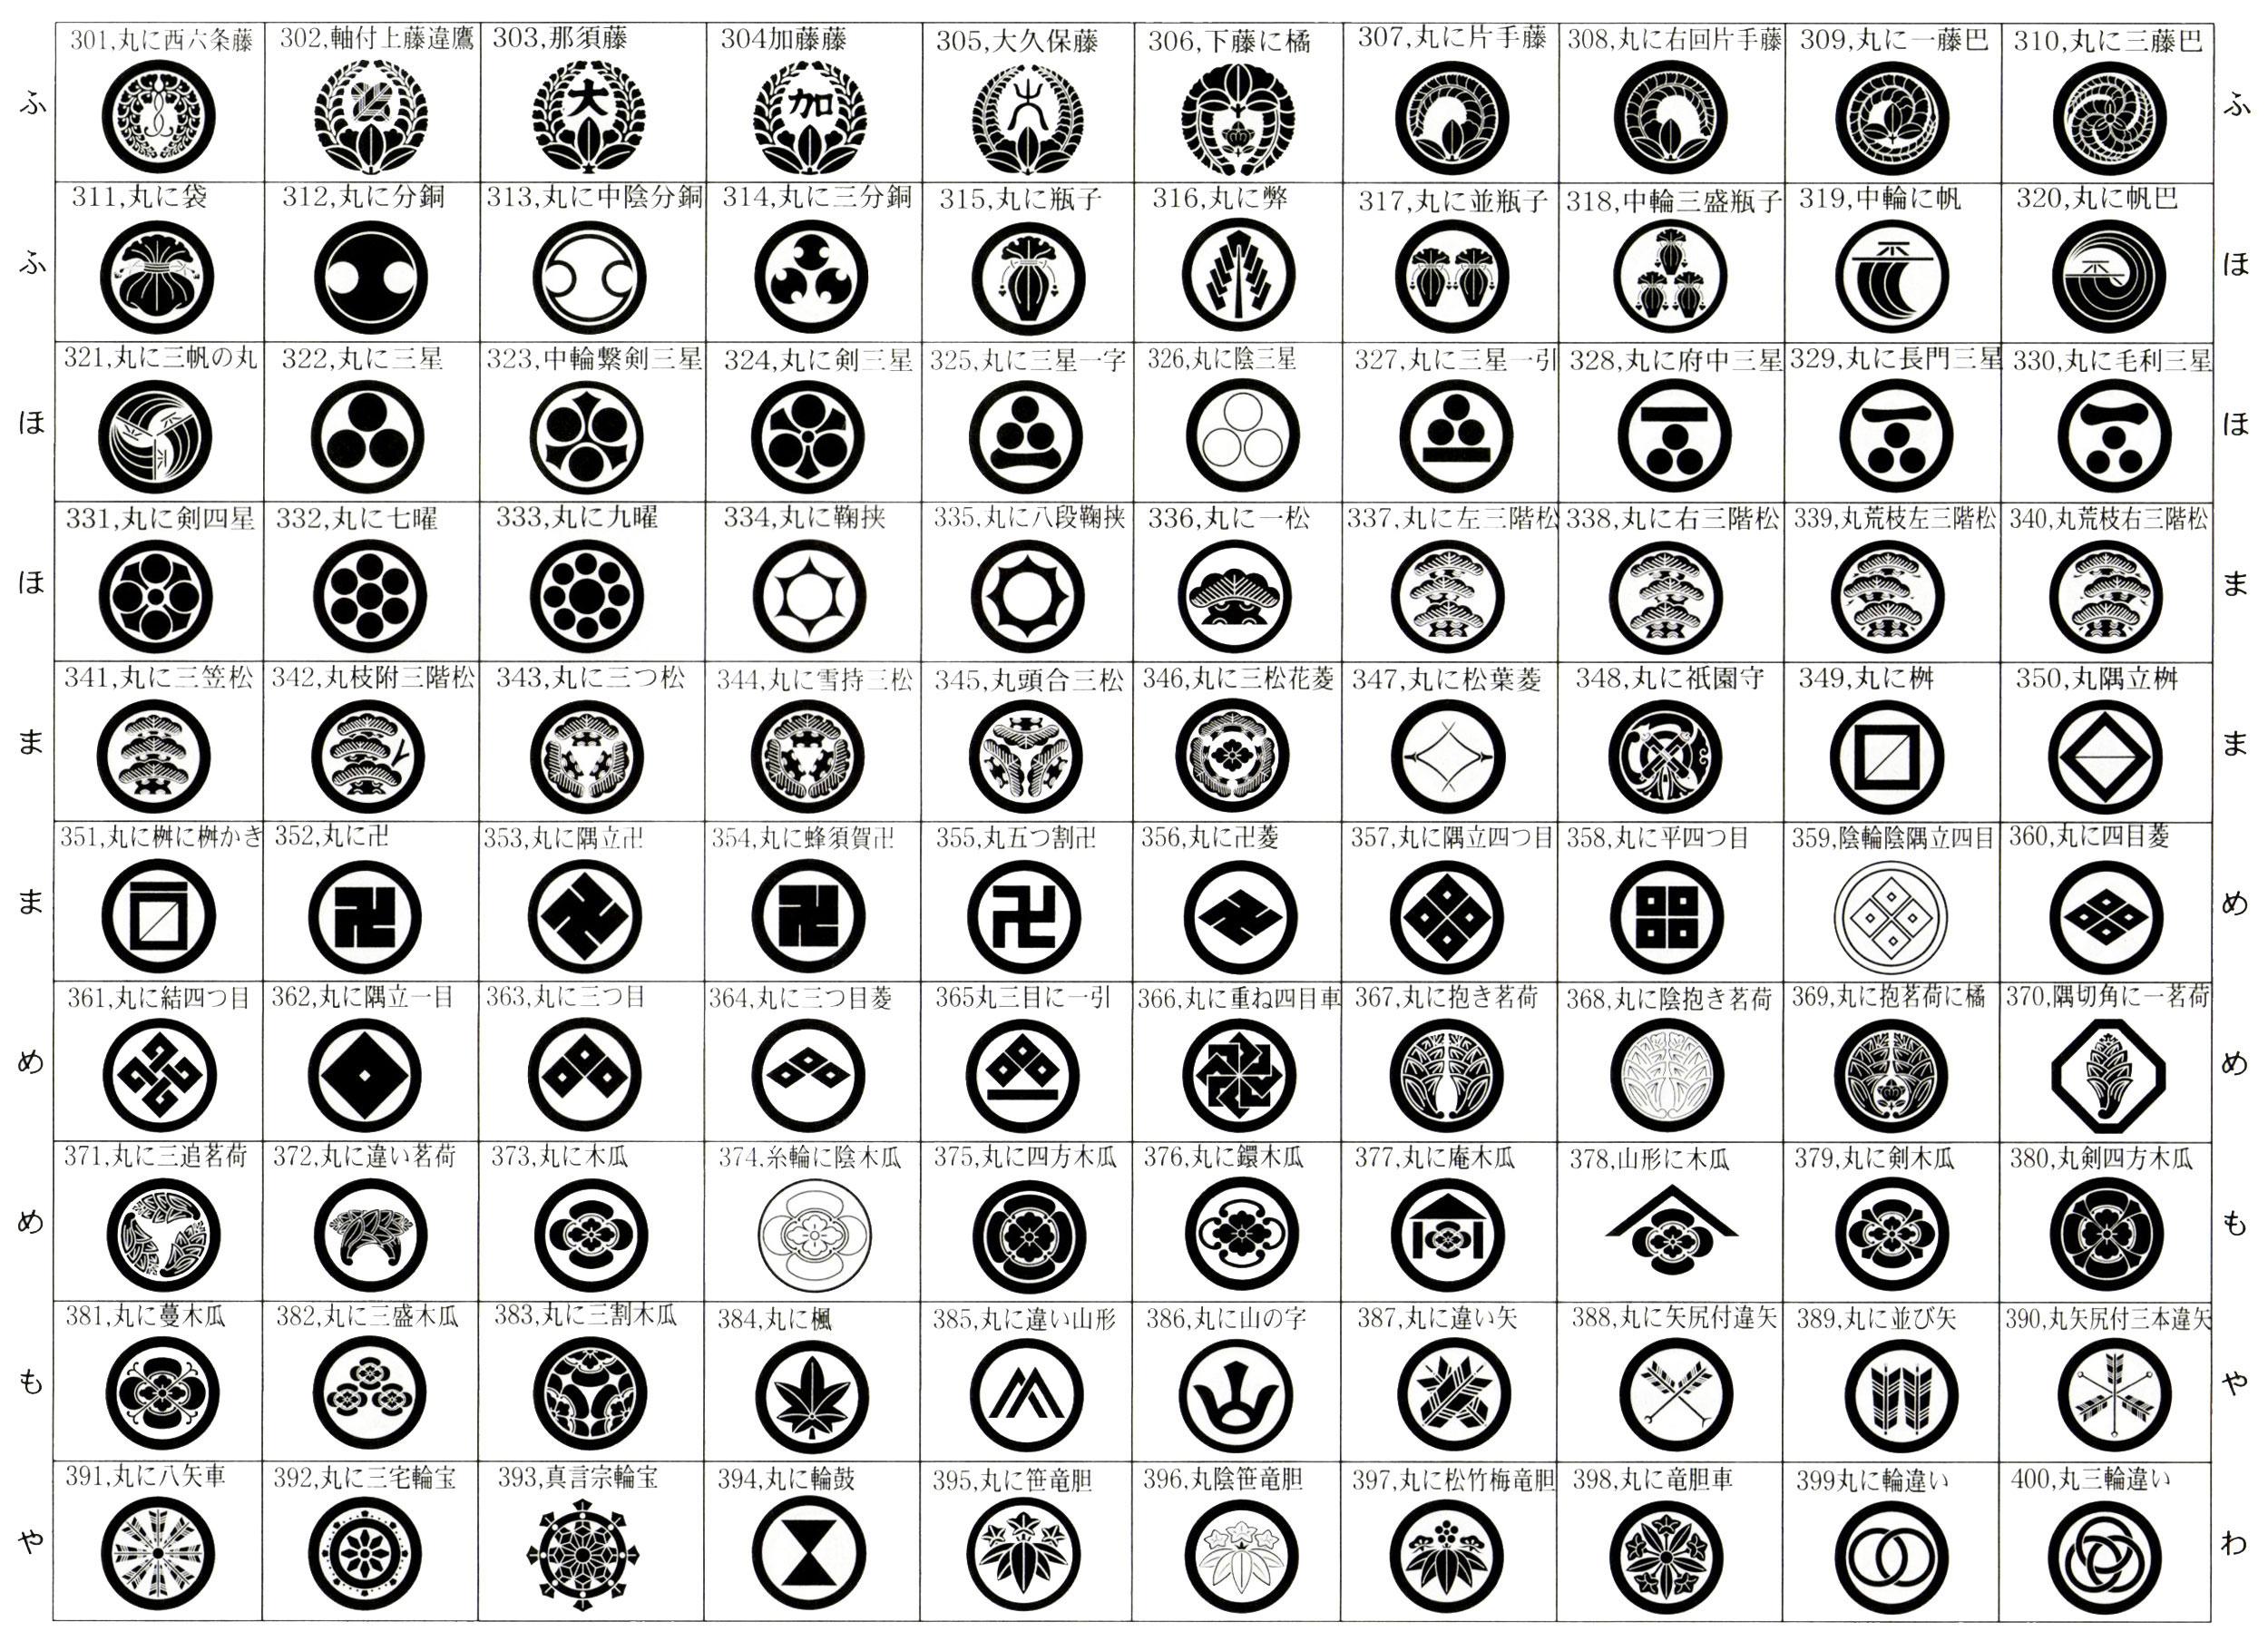 調べる 家紋 戦国武将100人の家紋一覧でまとめました!